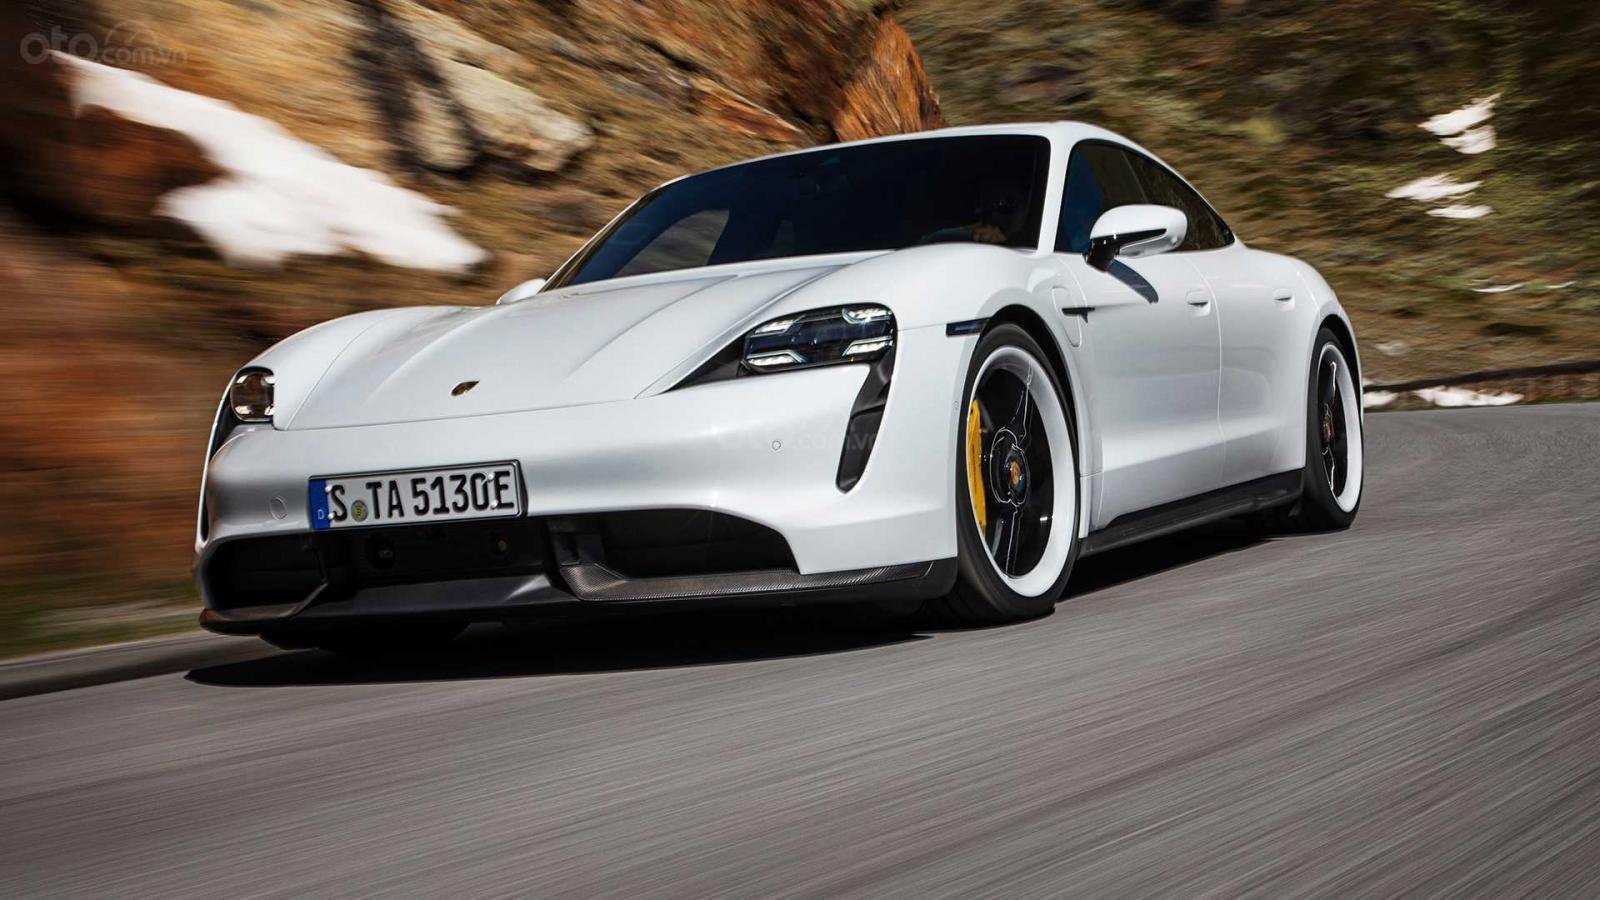 Góc 3/4 đầu xe Porsche Taycan 2020